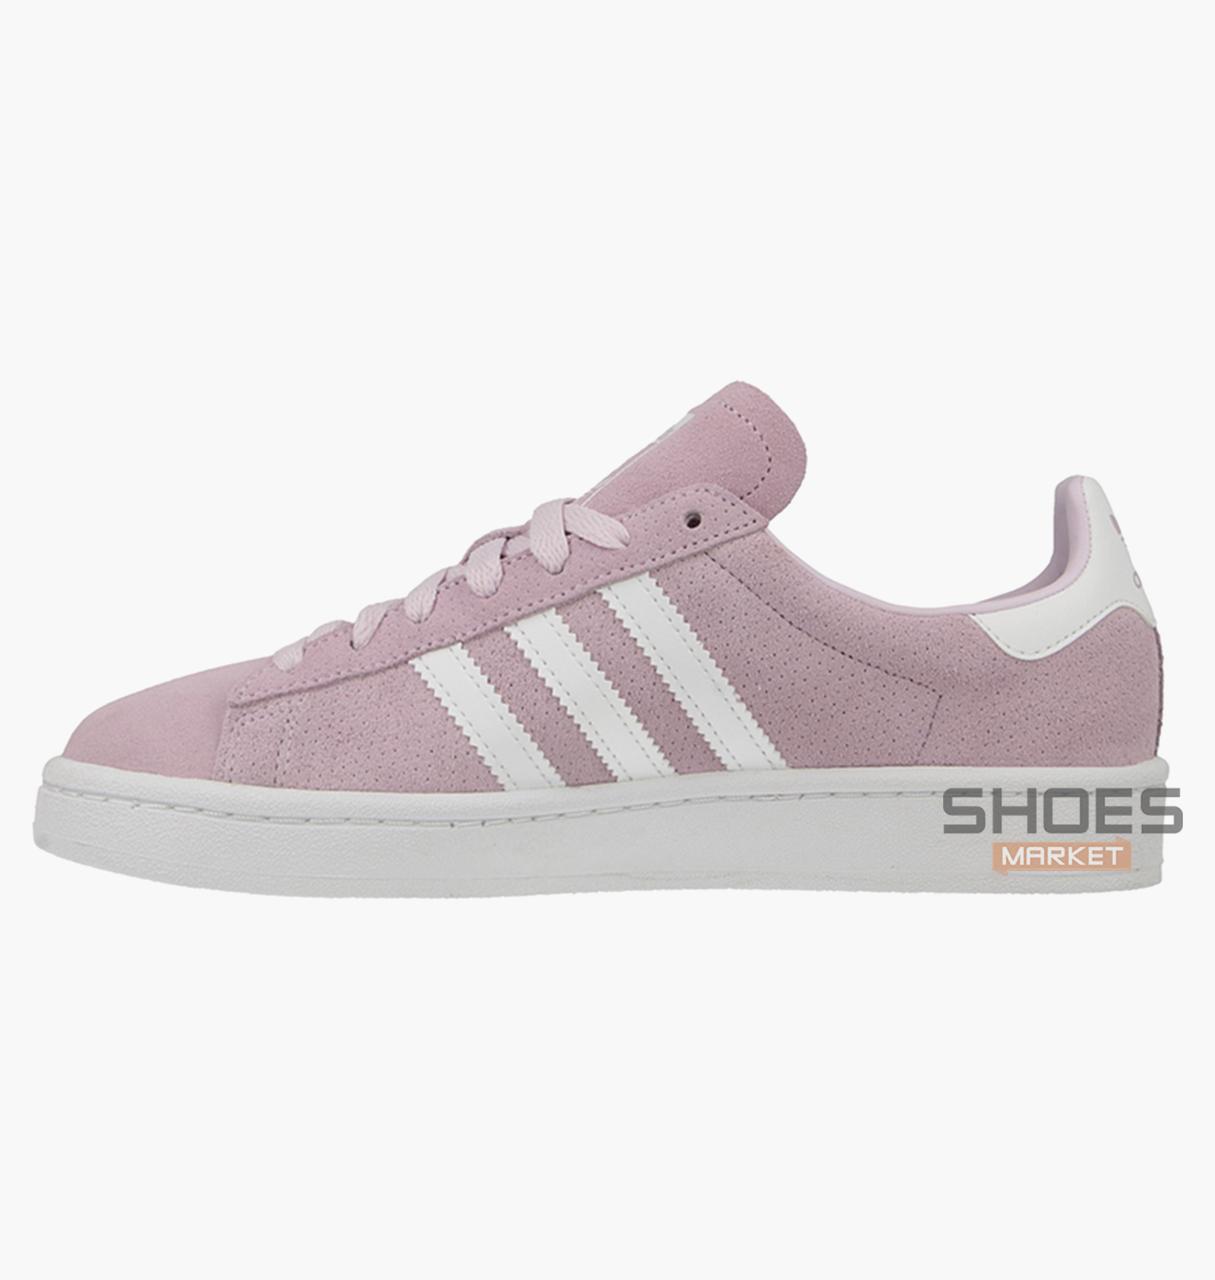 Женские кроссовки Adidas Campus Junior Pink CQ2943, оригинал